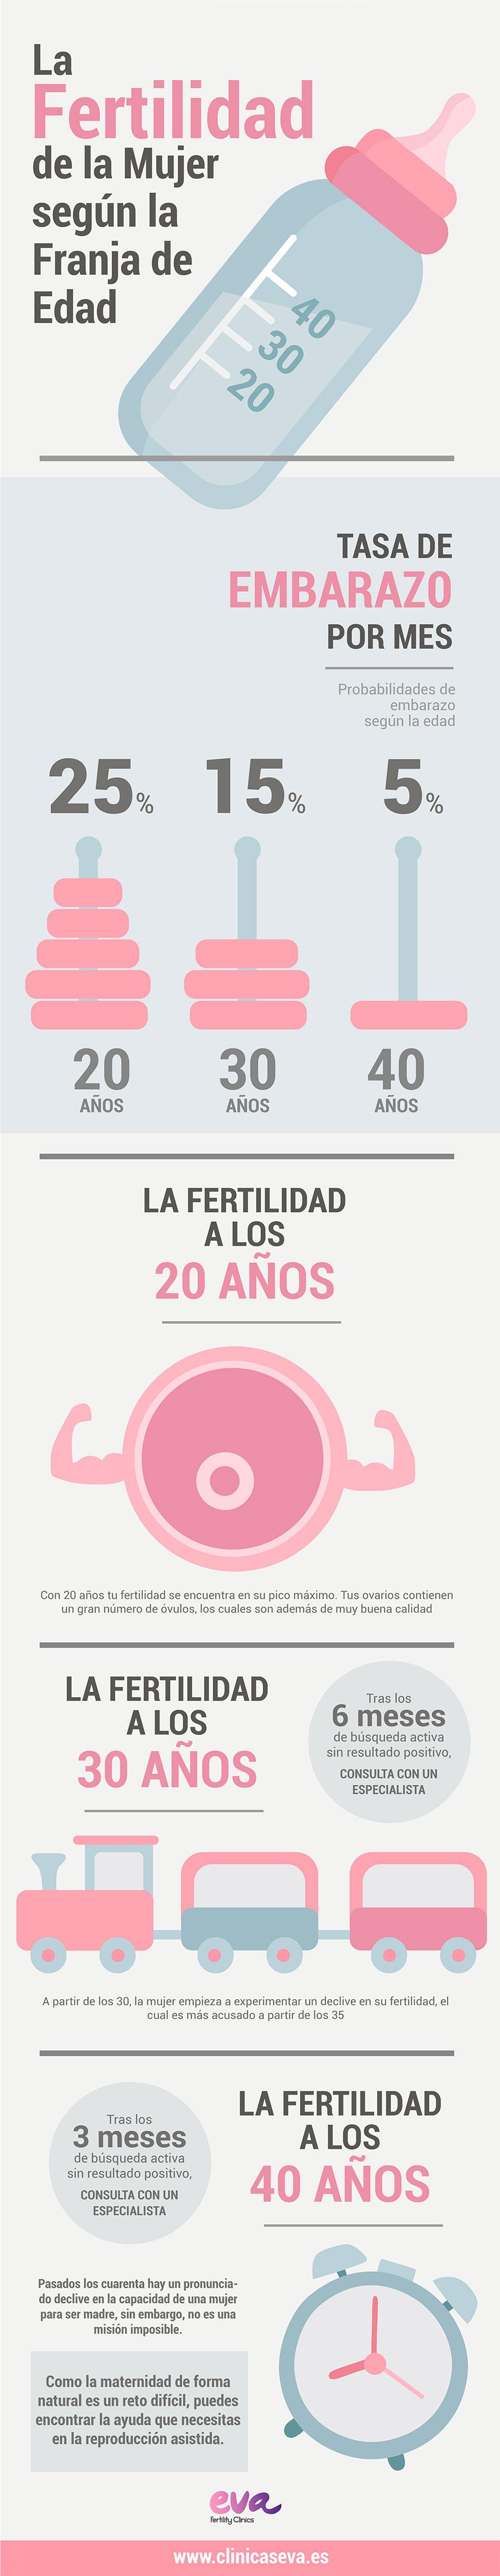 La Fertilidad de la Mujer según la Franja de Edad